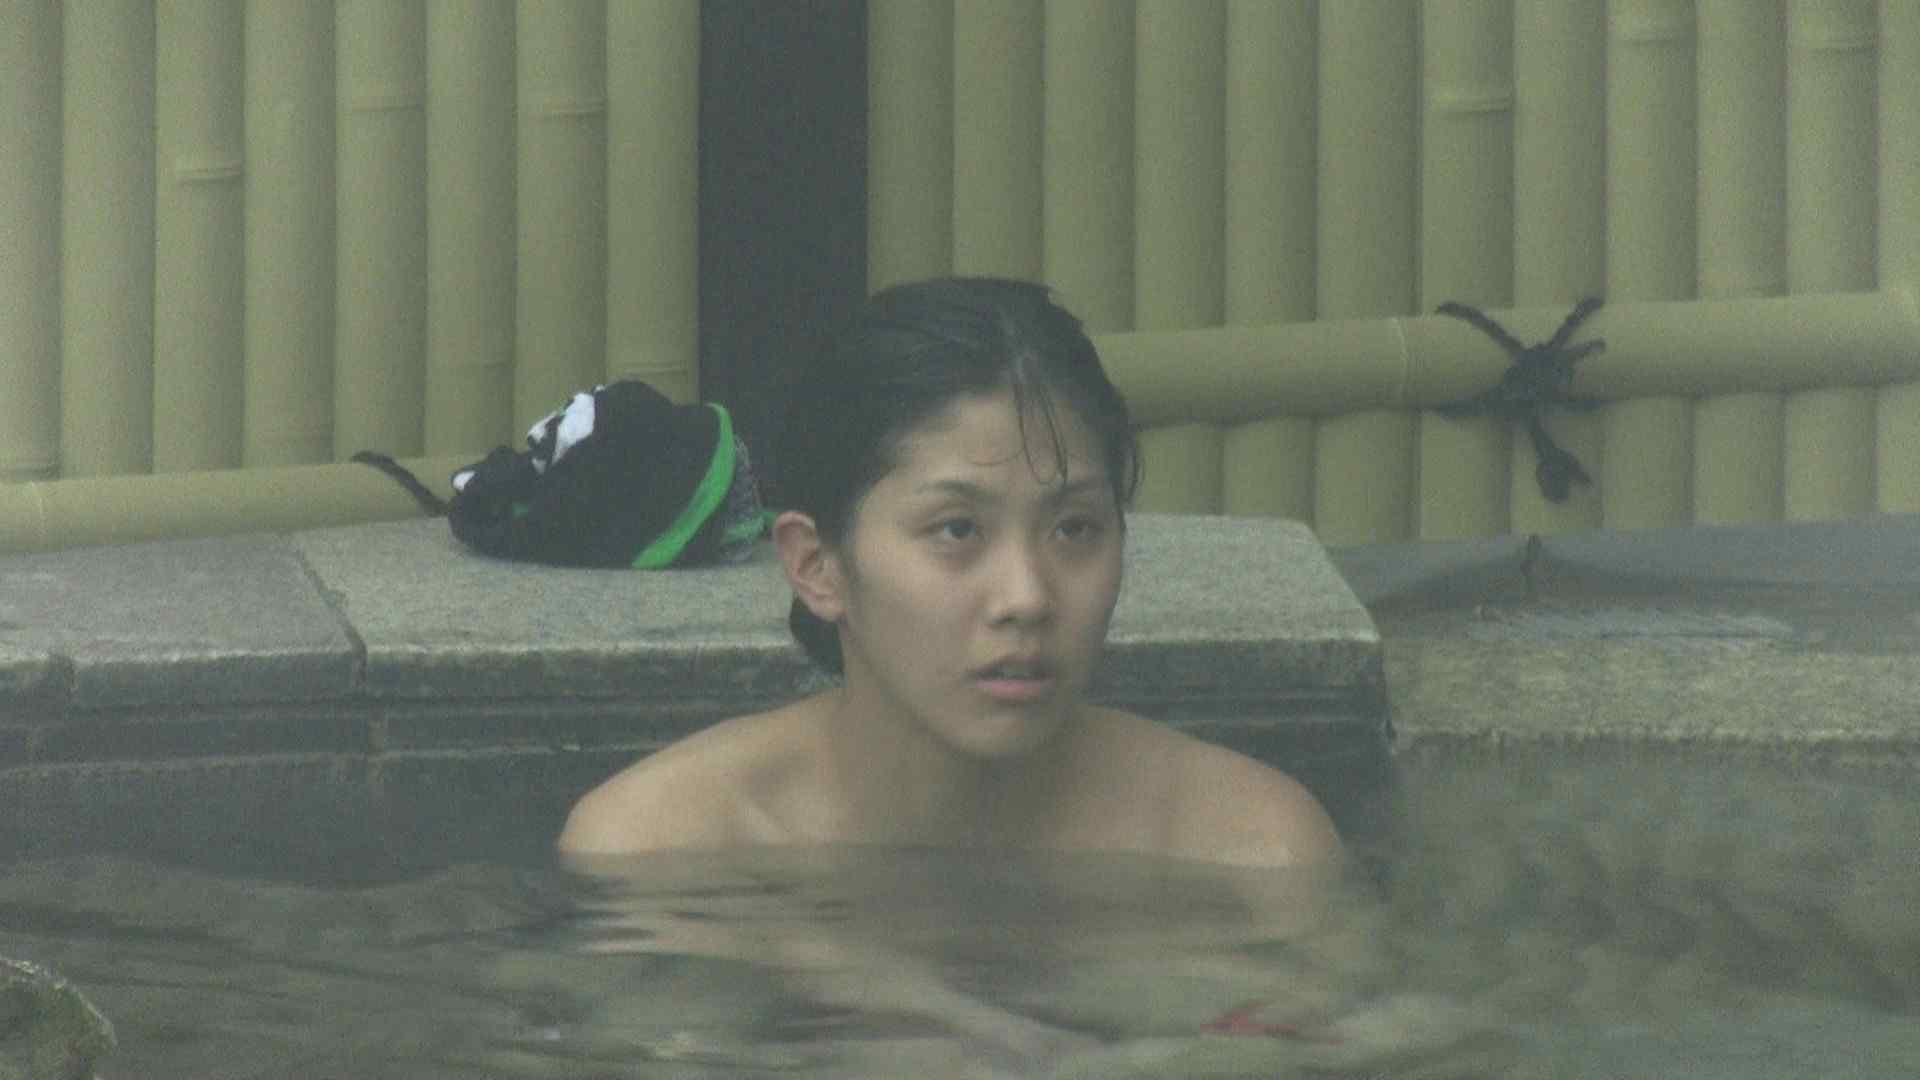 Aquaな露天風呂Vol.174 盗撮 | 露天風呂  89連発 22